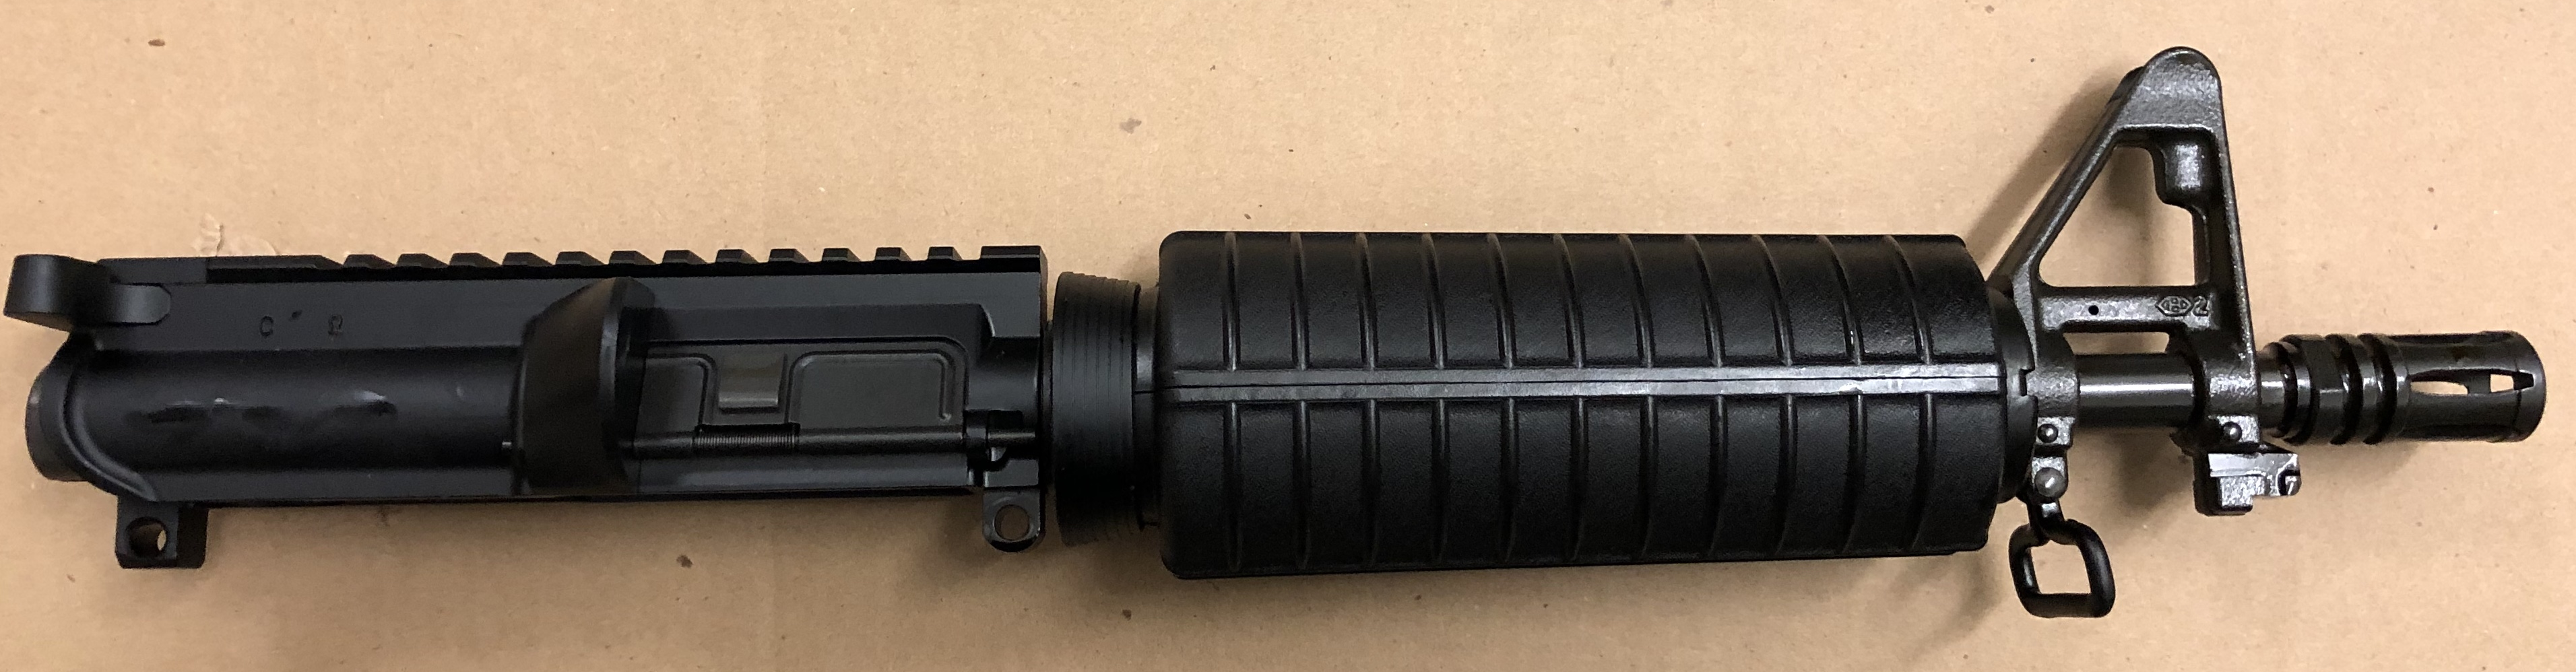 Colt 10 5 9mm SMG Complete Upper